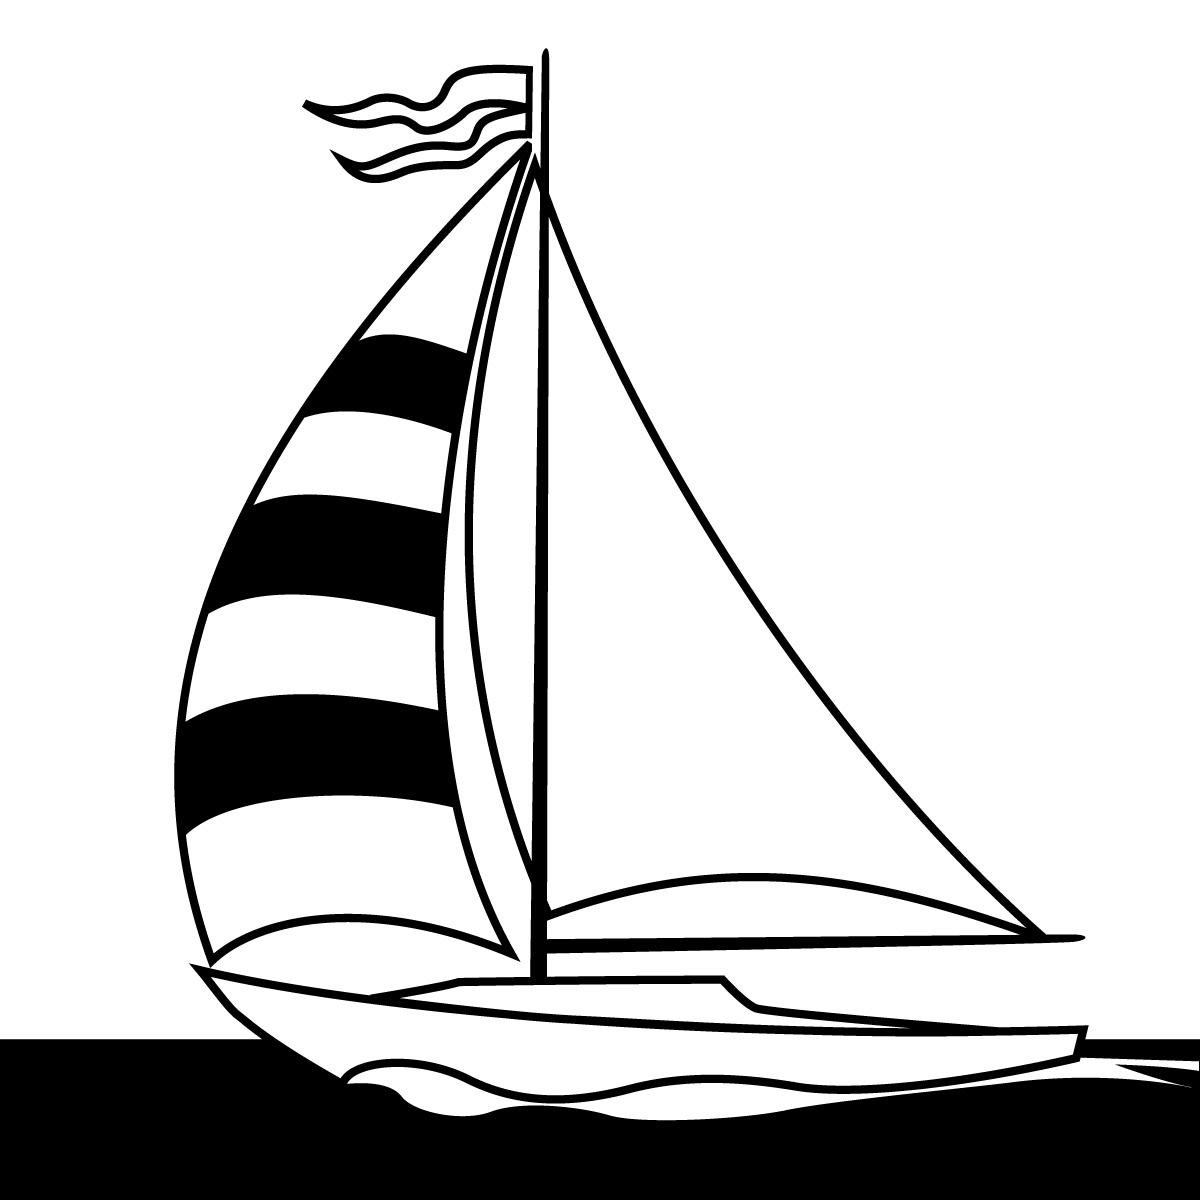 1200x1200 Clipart Sailing Boat 101 Clip Art